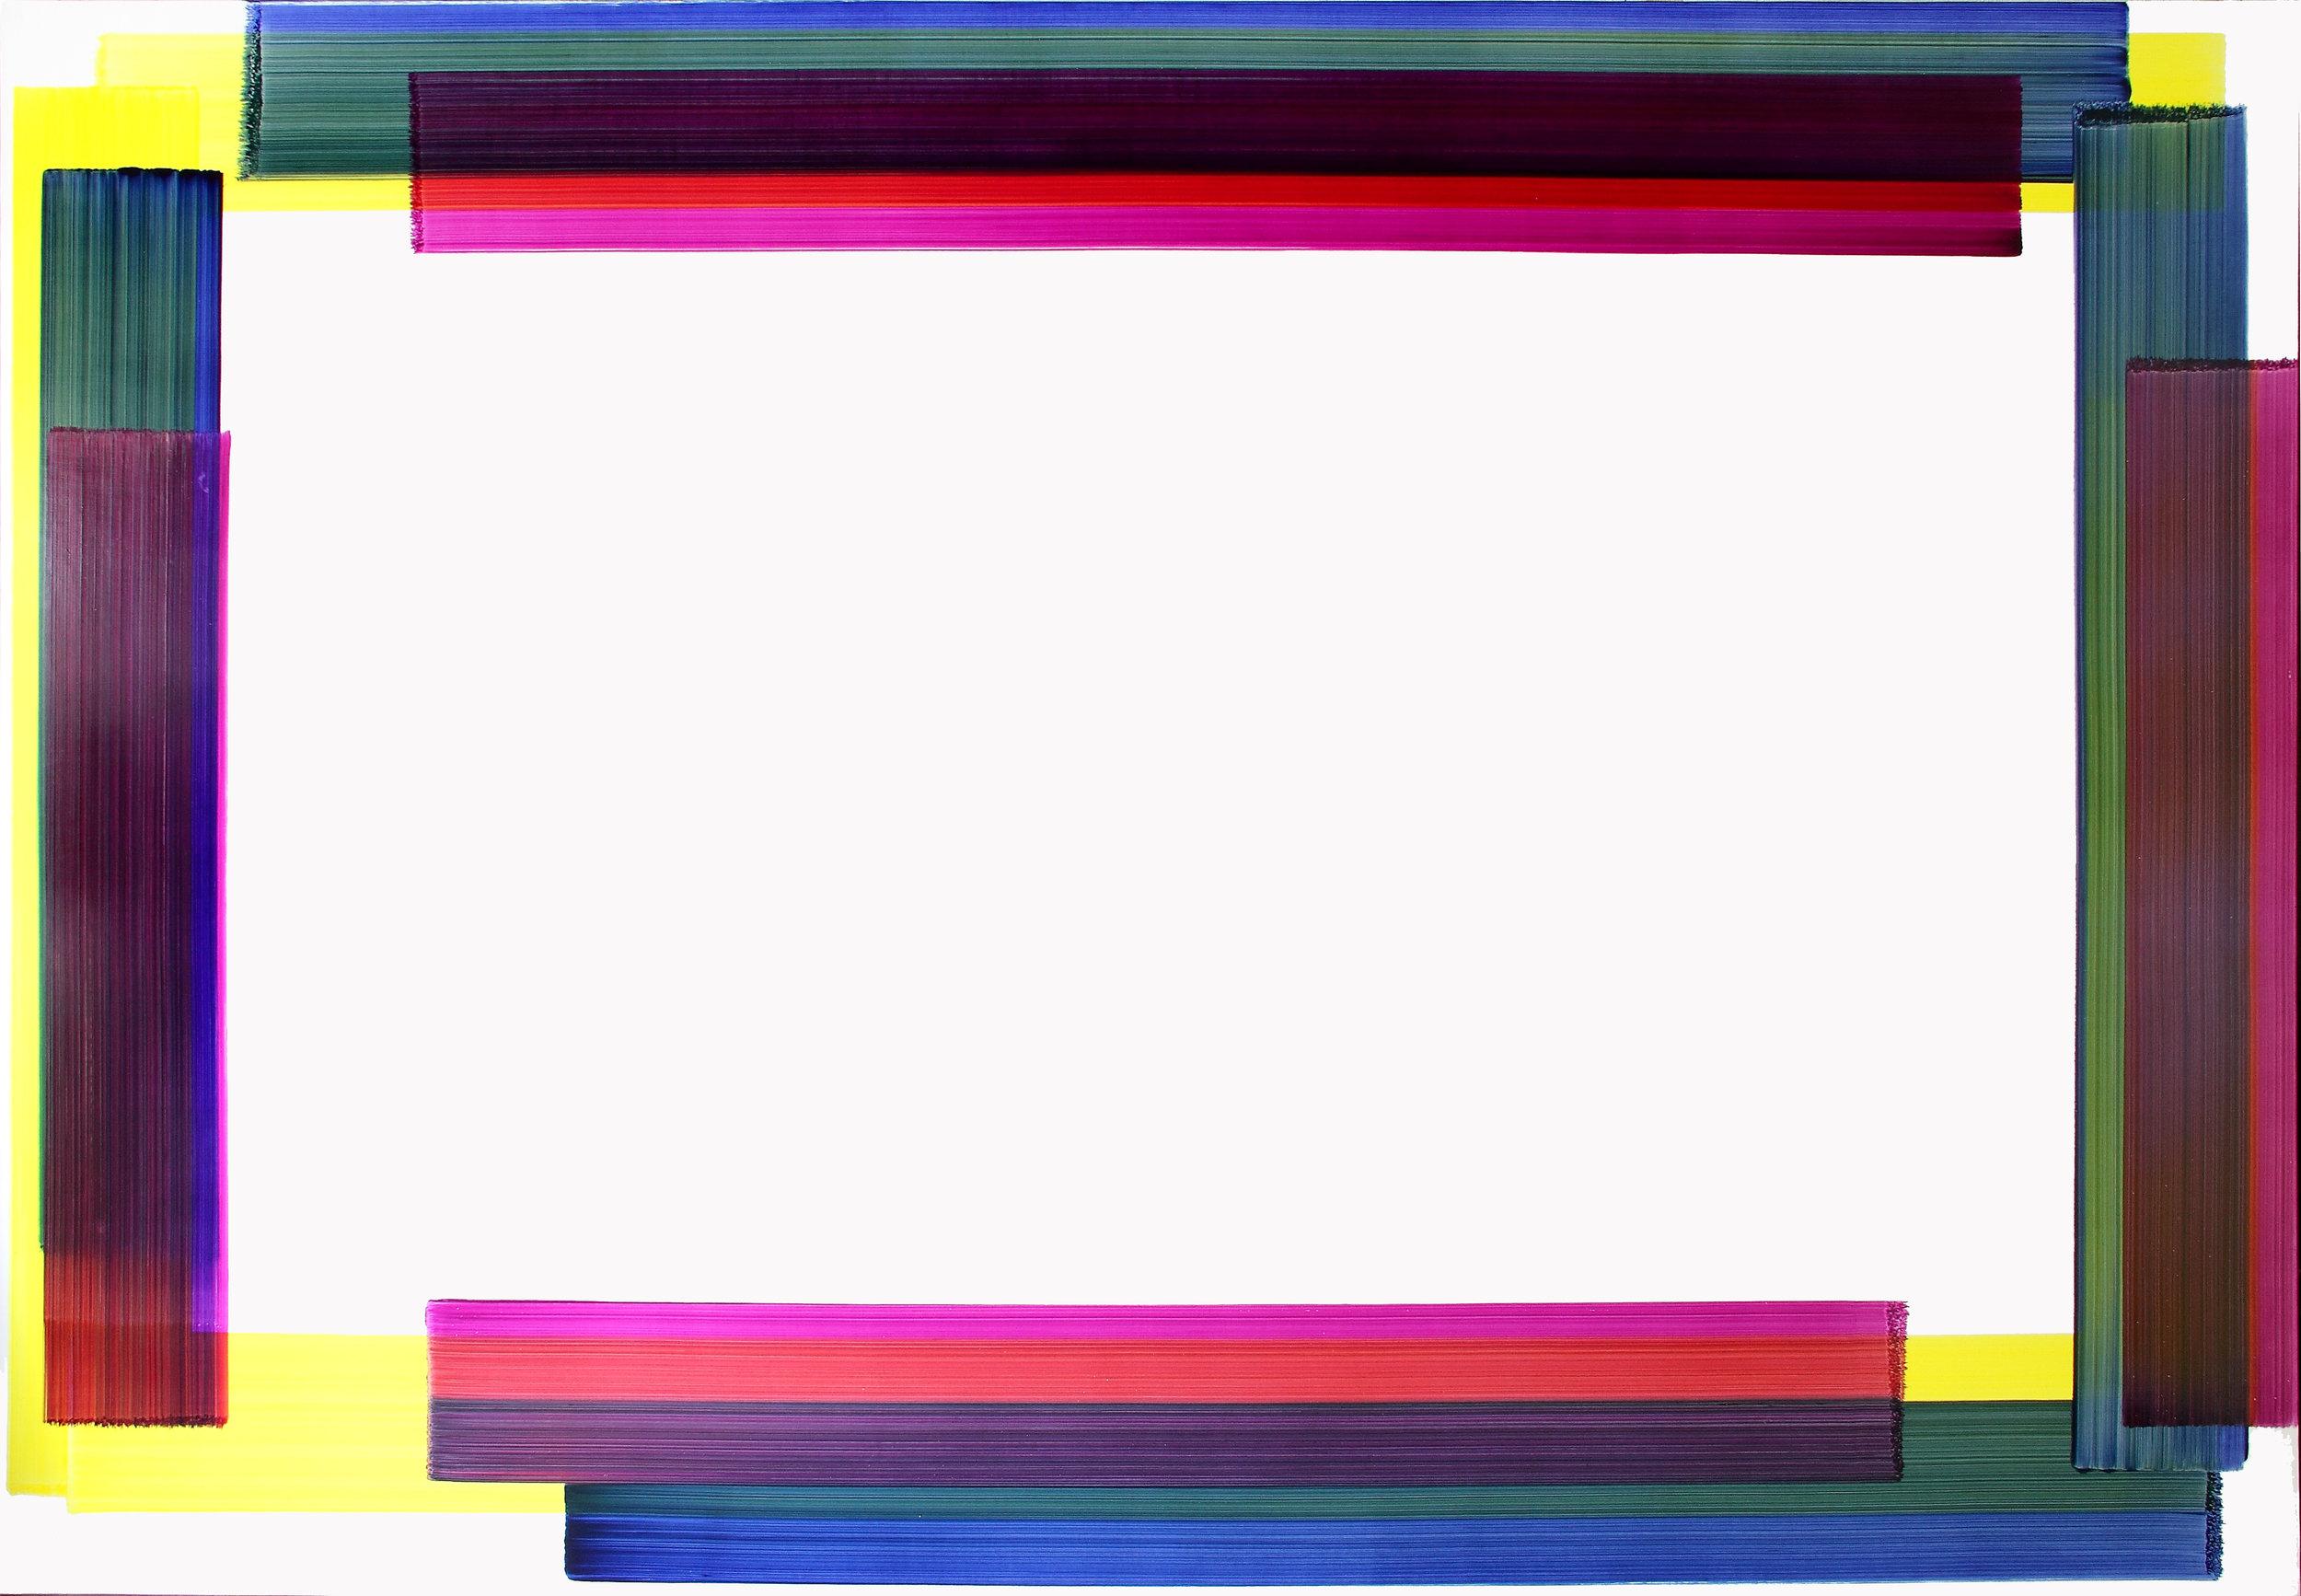 s p l a s h - sans titre 03 - 2018 - 185 x 270 cm.jpg